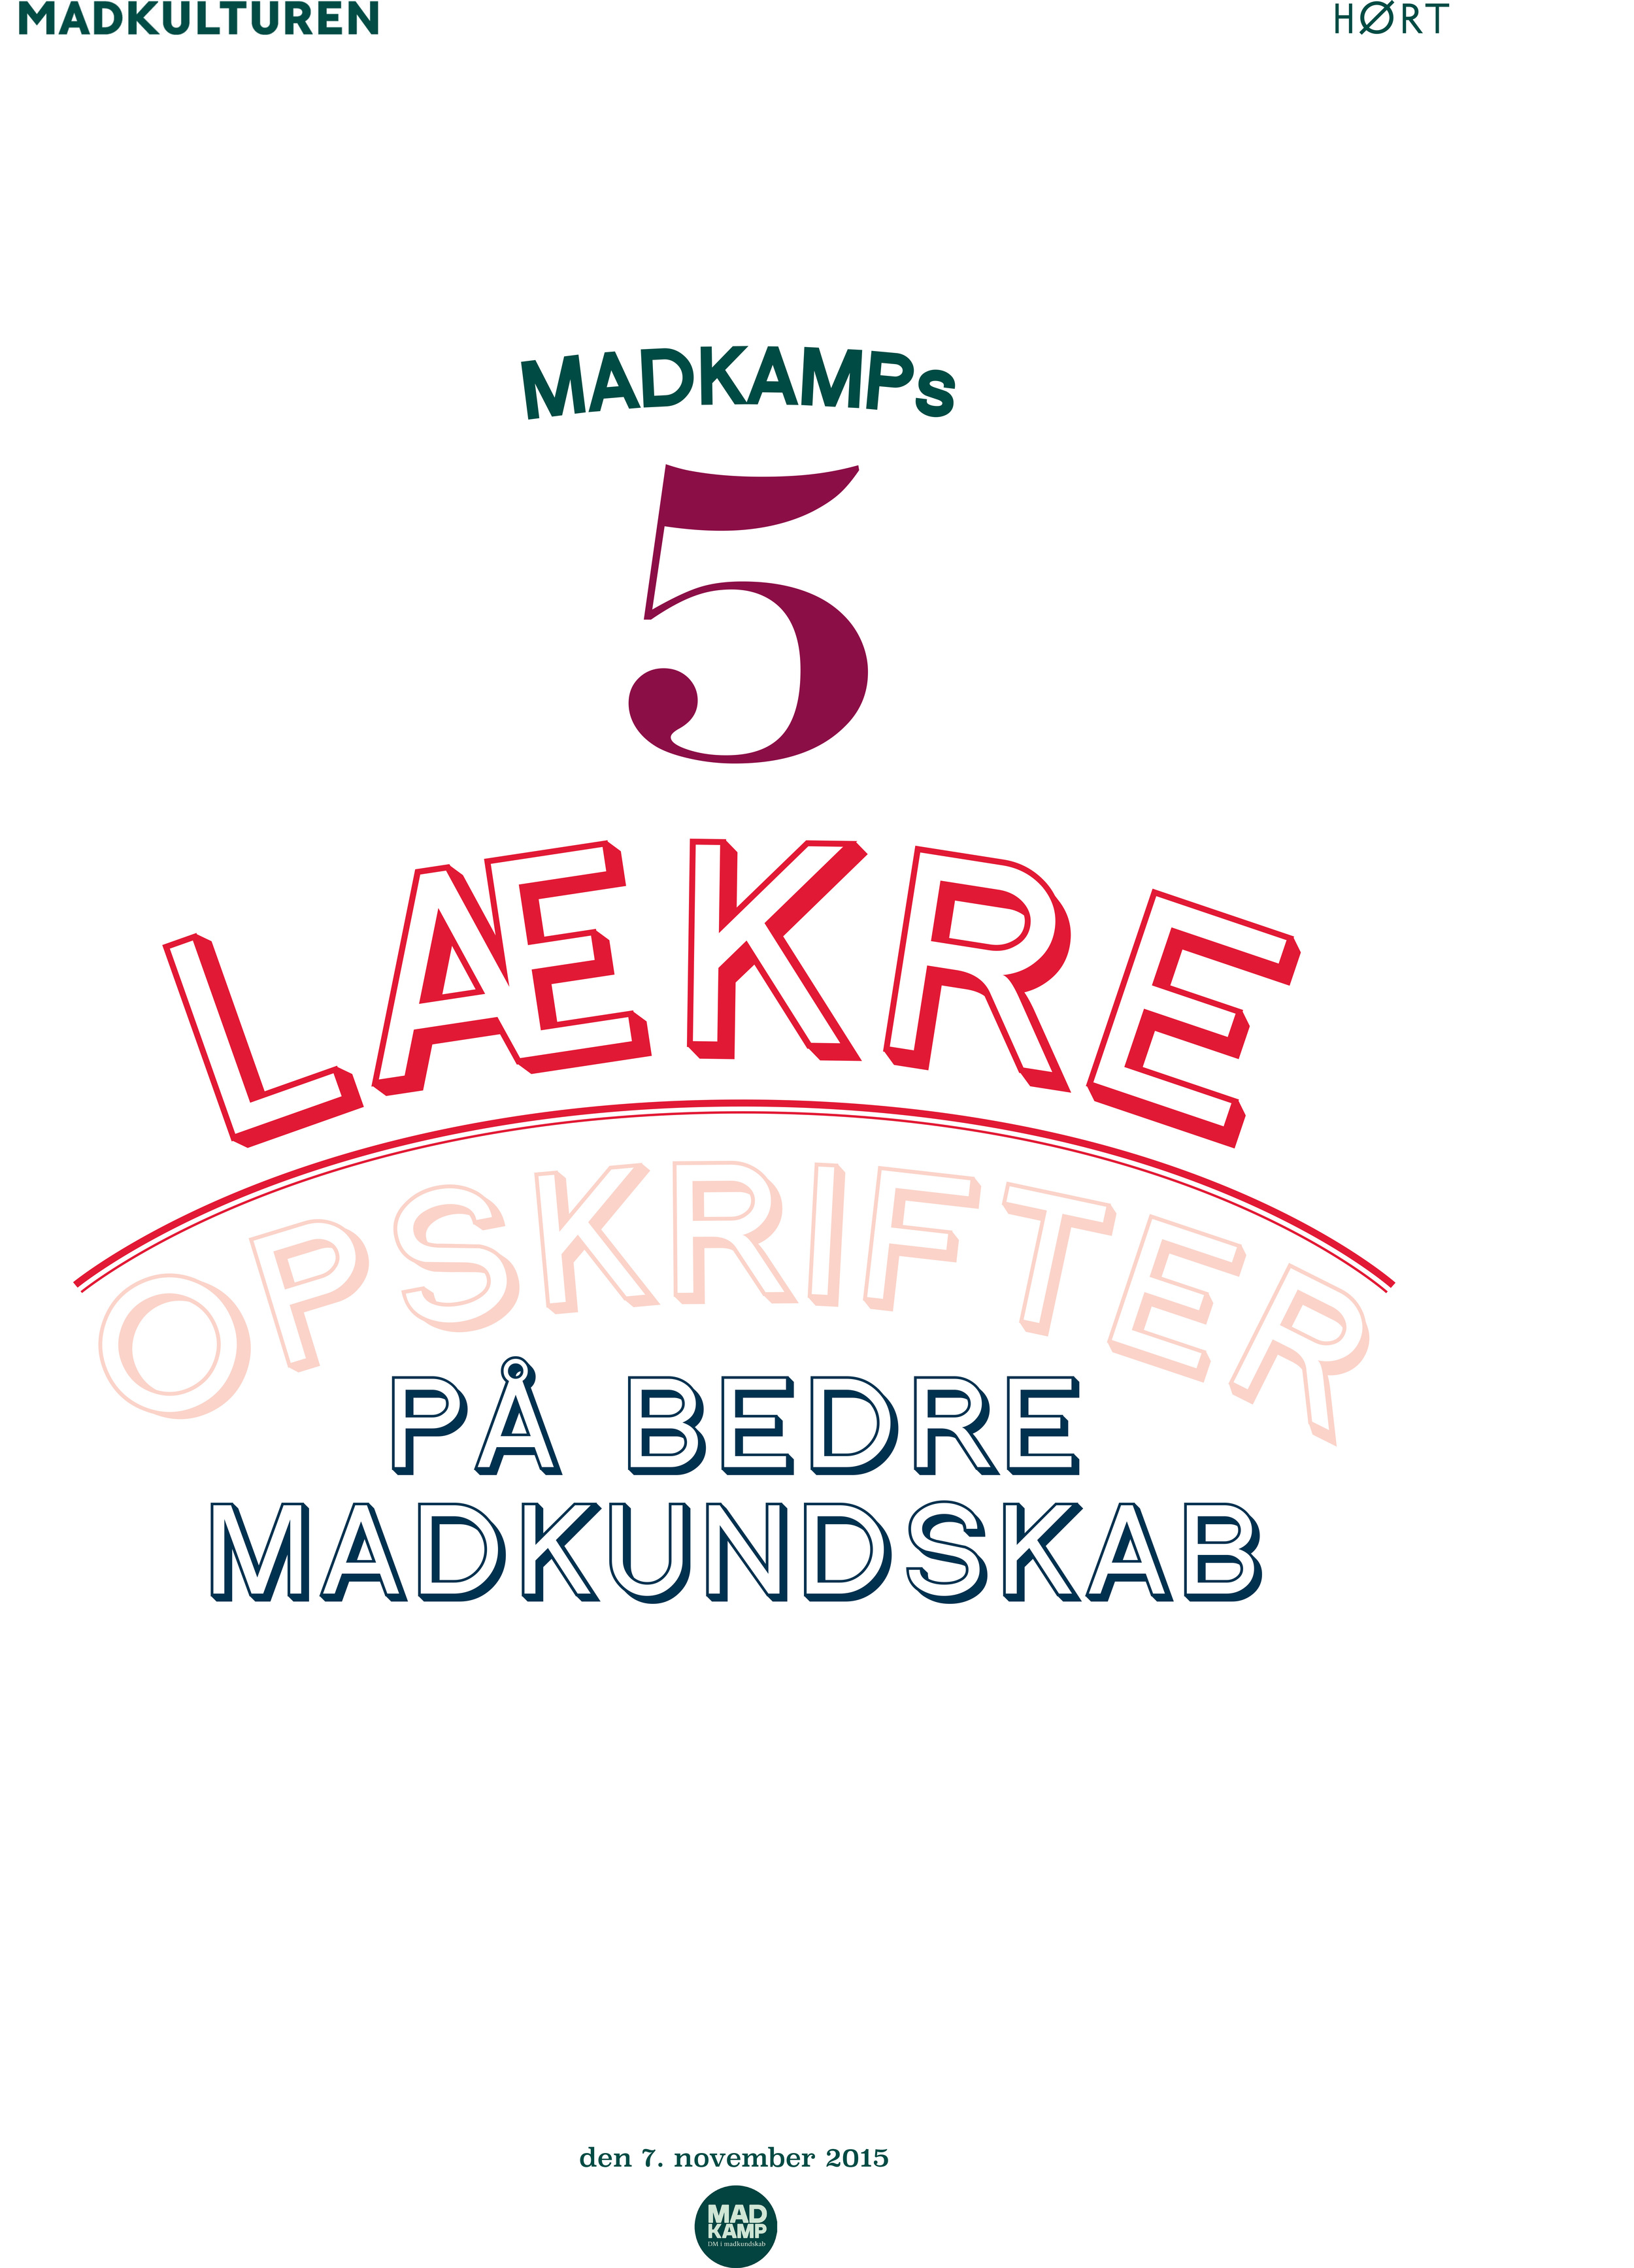 Madkamp_A1-01_Forside (1)ny.jpg